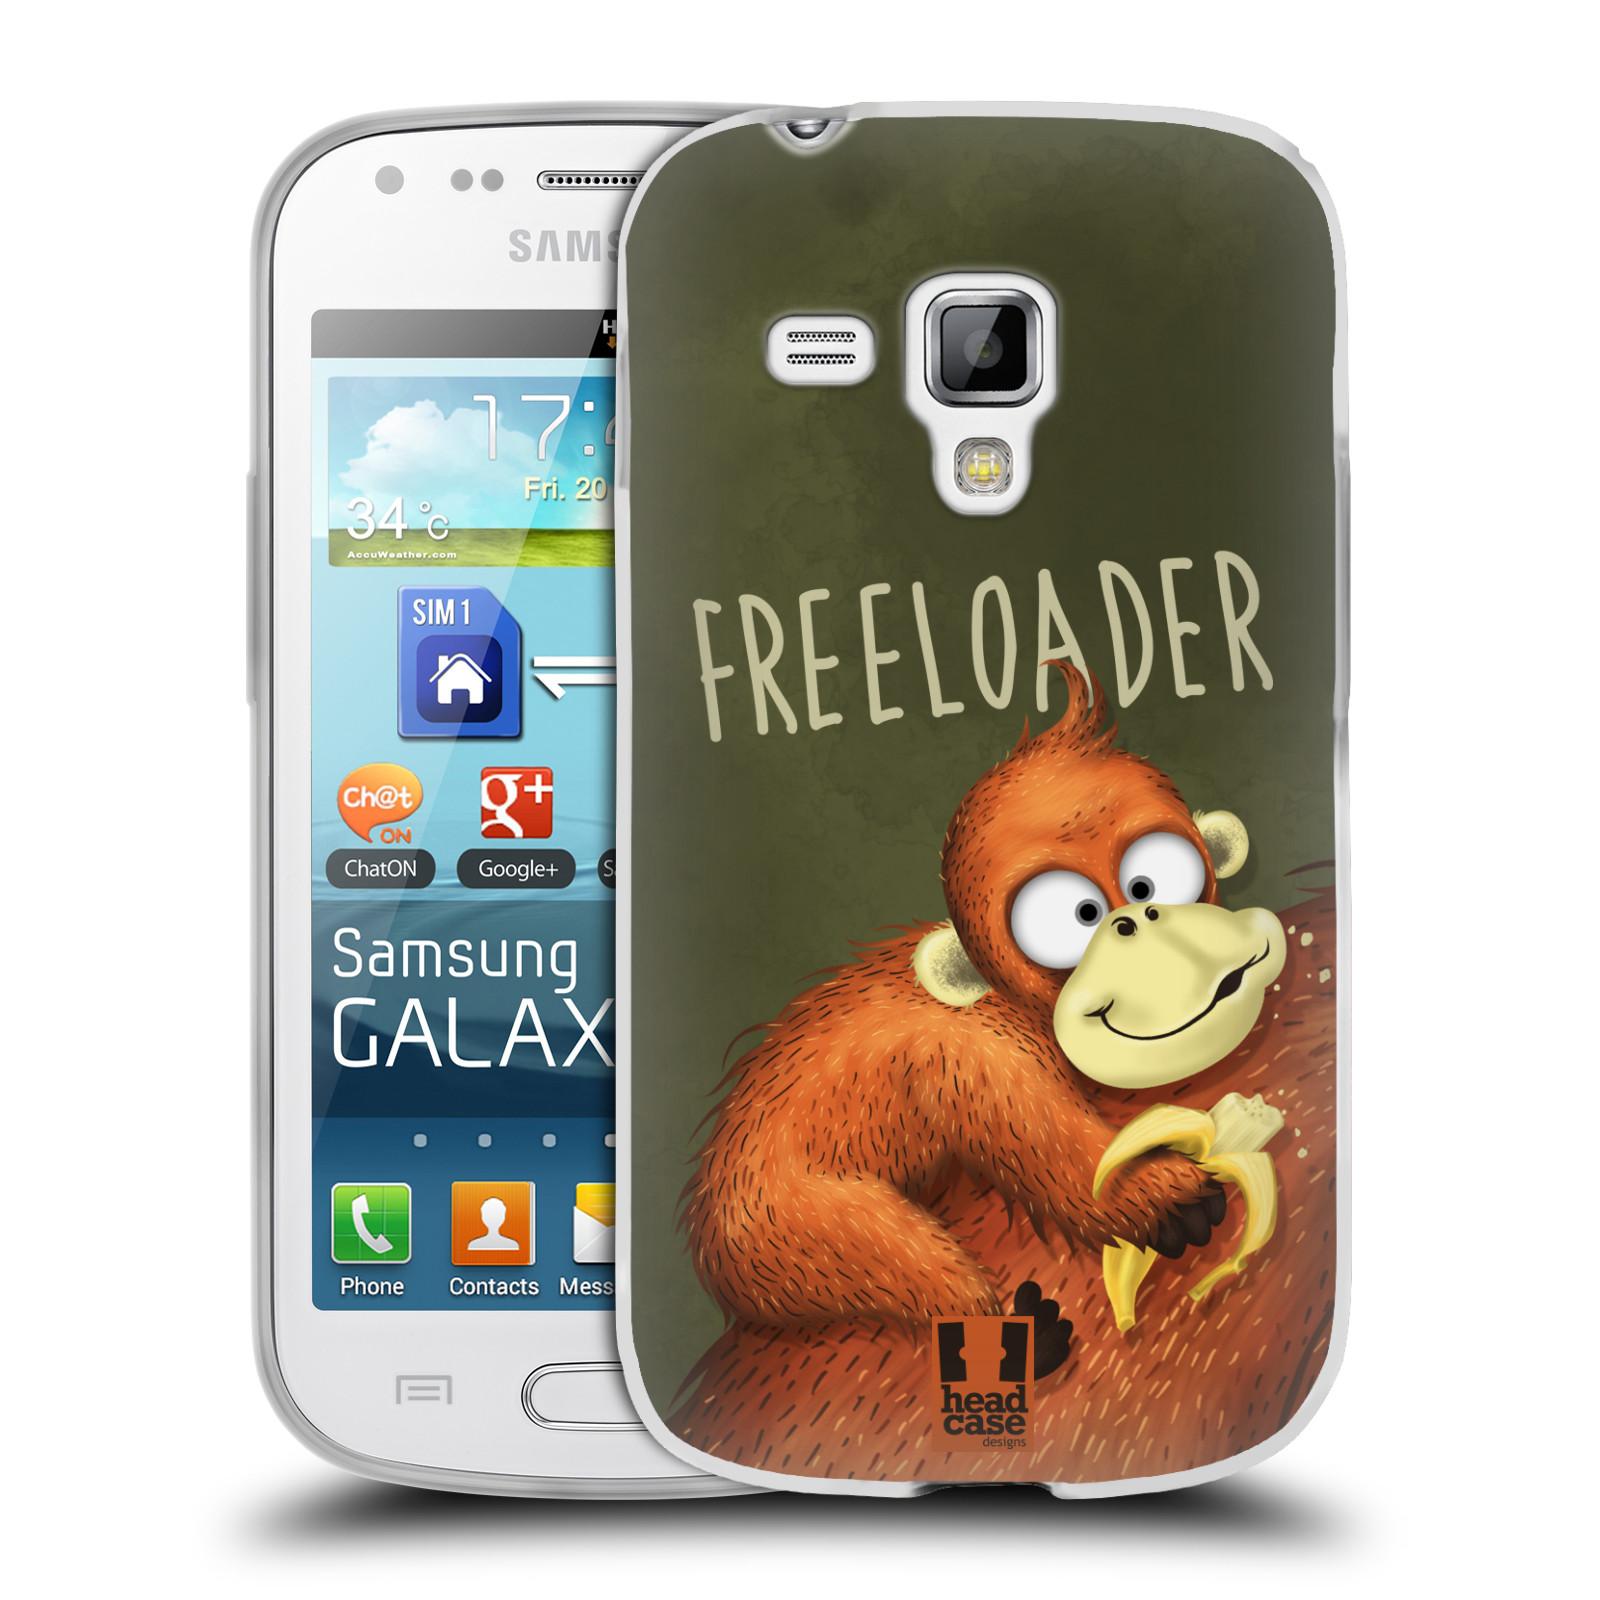 Silikonové pouzdro na mobil Samsung Galaxy S Duos HEAD CASE Opičák Freeloader (Silikonový kryt či obal na mobilní telefon Samsung Galaxy S Duos GT-S7562)